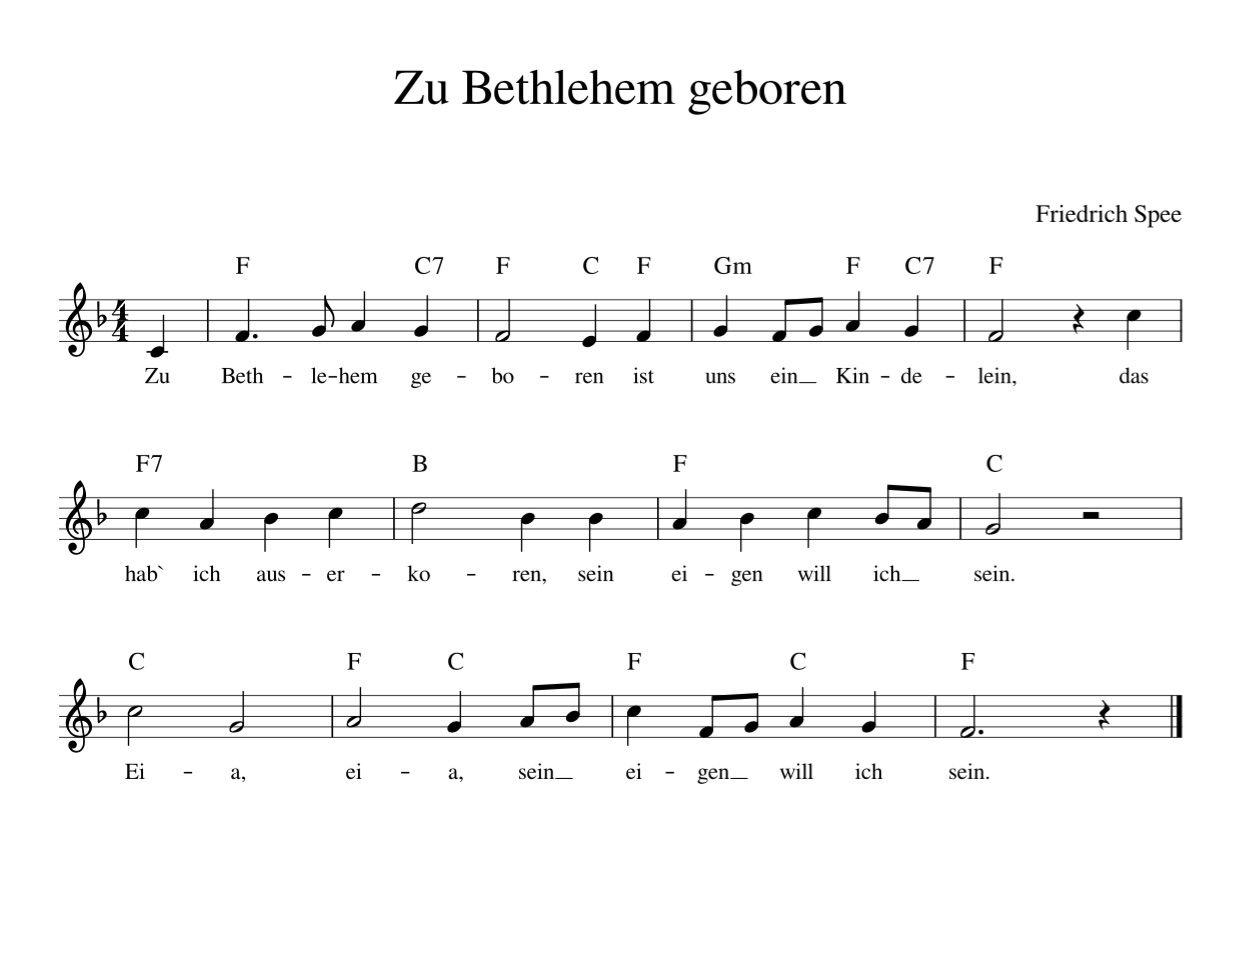 Weihnachtslieder Mit Text Zum Mitsingen.Weihnachtslieder Mit Noten Akkorden Text Video Und Mp3 Kinderlieder